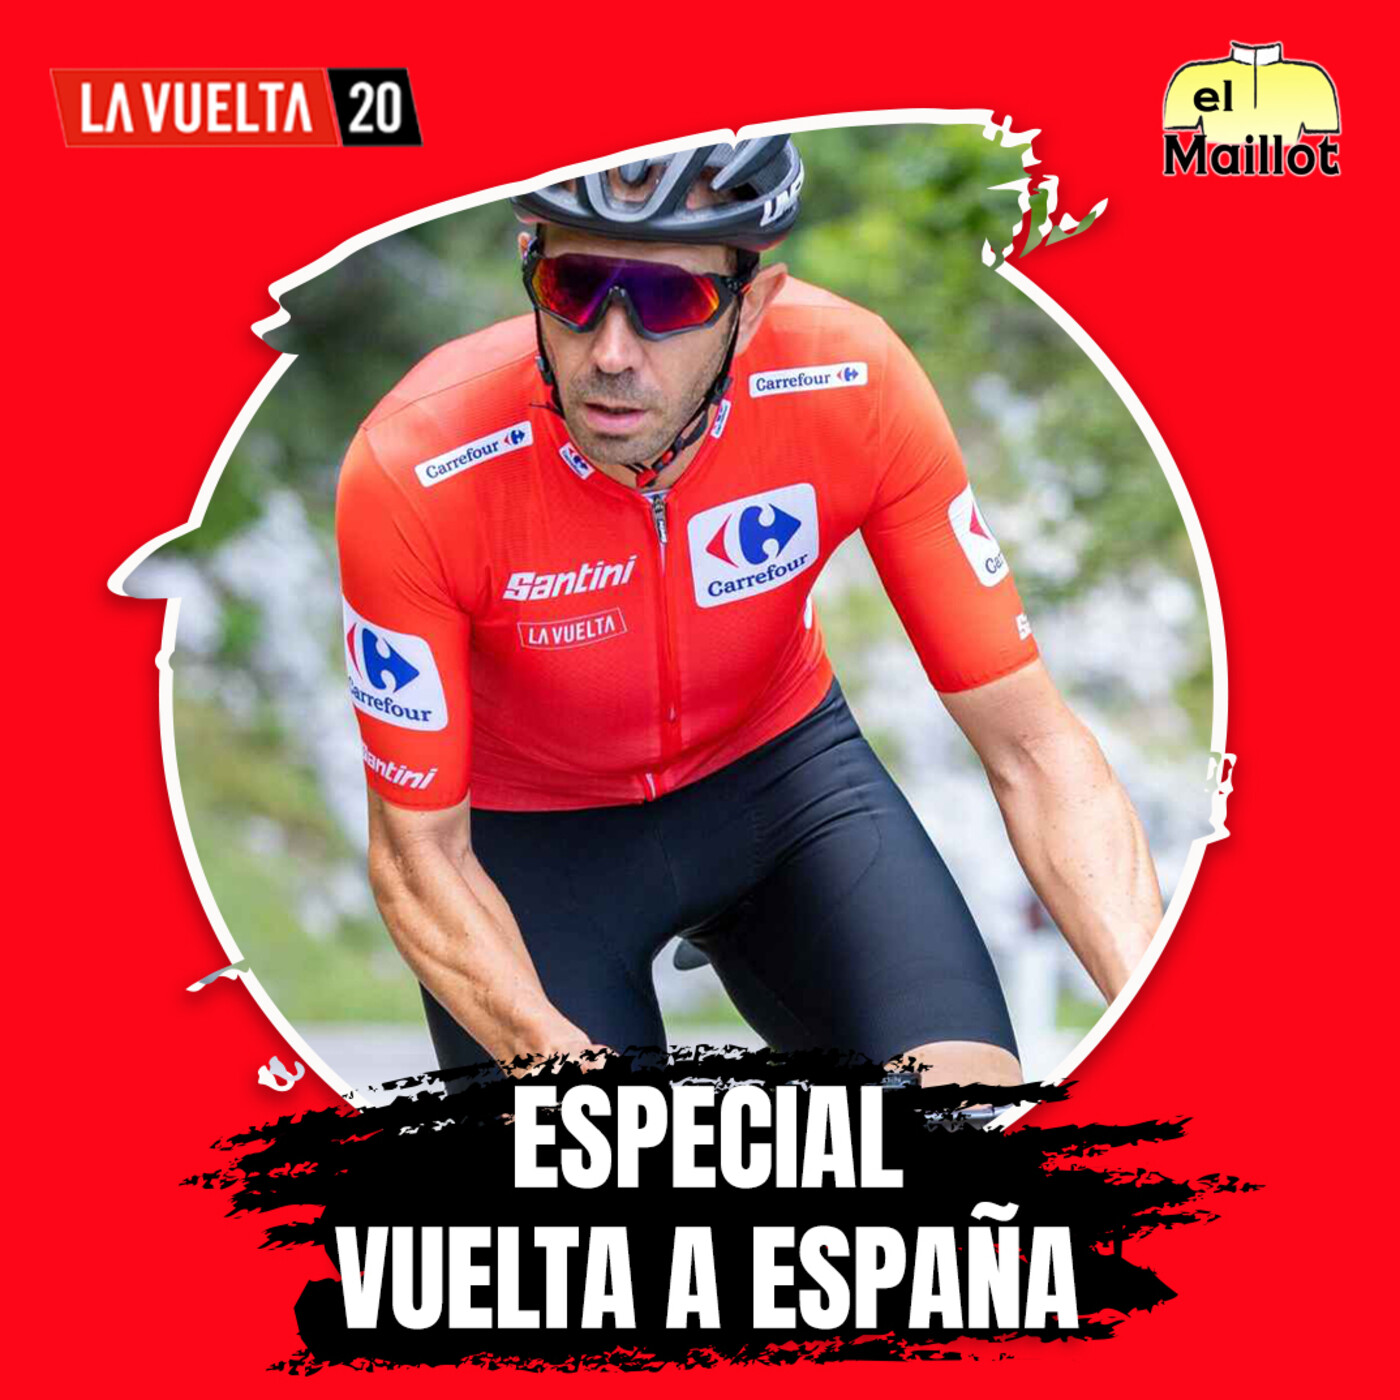 El Maillot - Especial Vuelta a España #1 | Previa #LaVuelta20